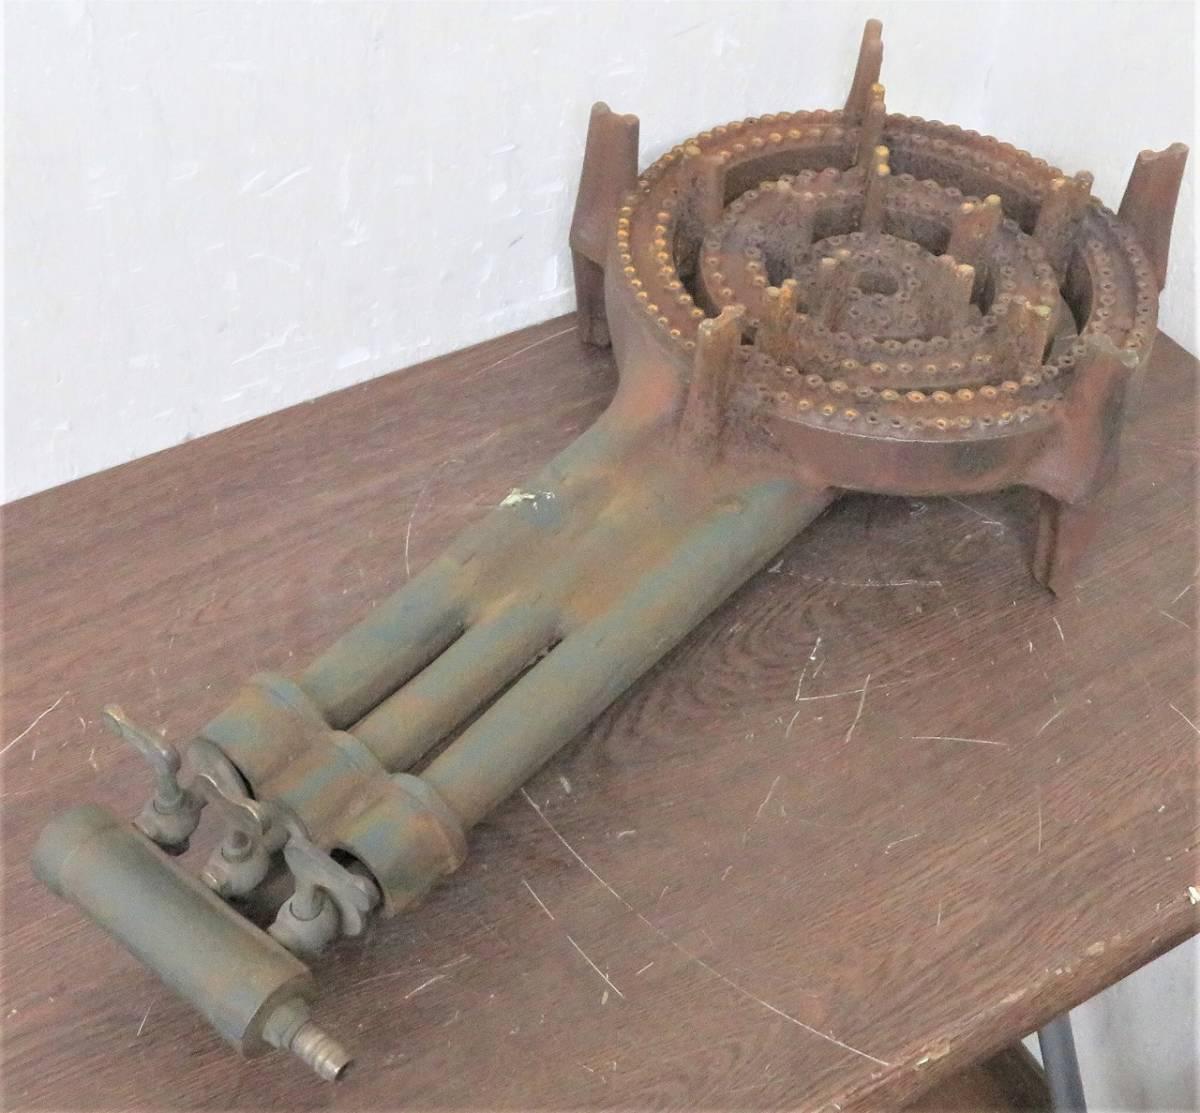 厨房機器《LPガス用鋳物コンロ》業務用/屋台 直径300mm_画像3